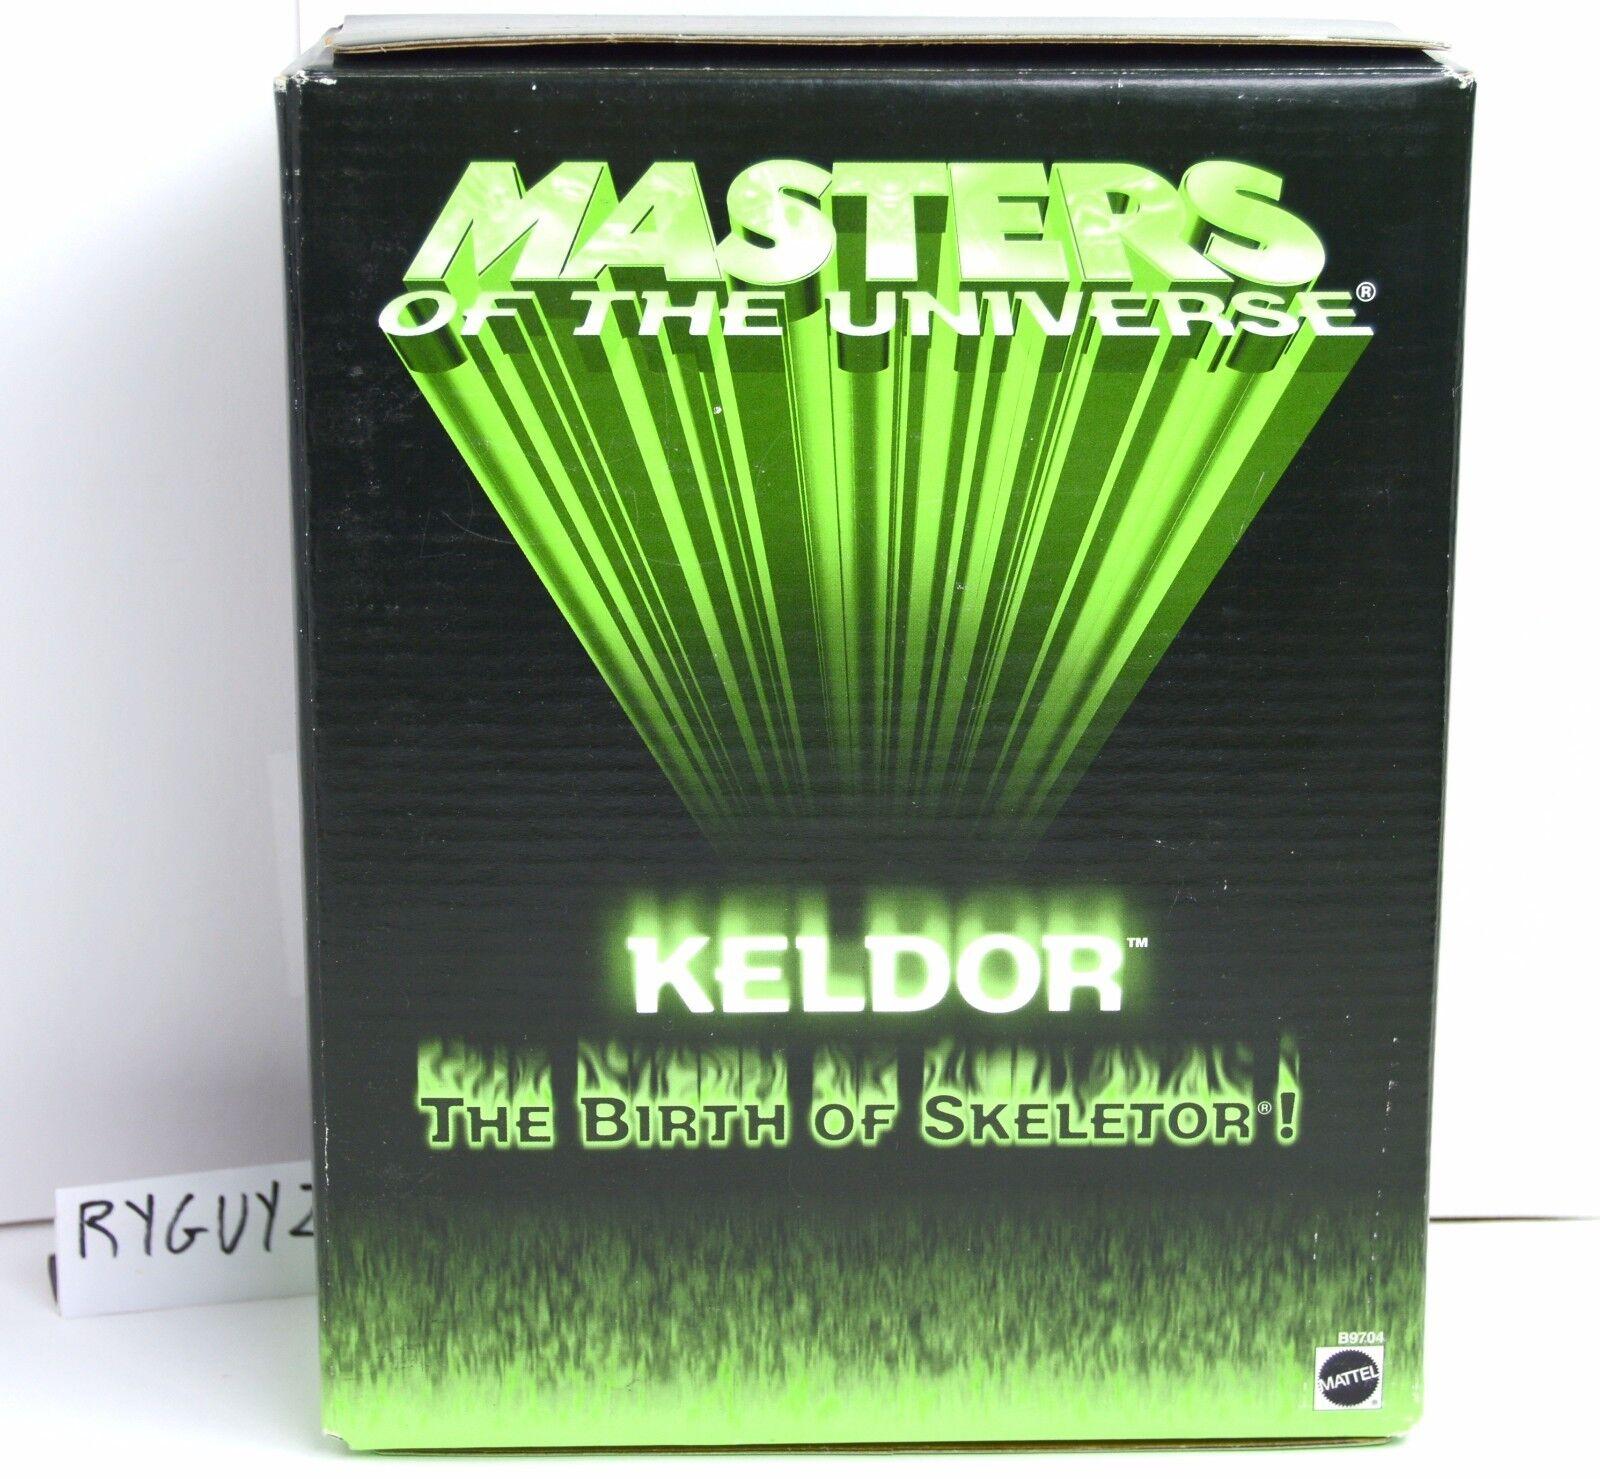 MOTU, Keldor, He-Man 200x, Exclusive figure 2003, MOC, MISB, sealed box